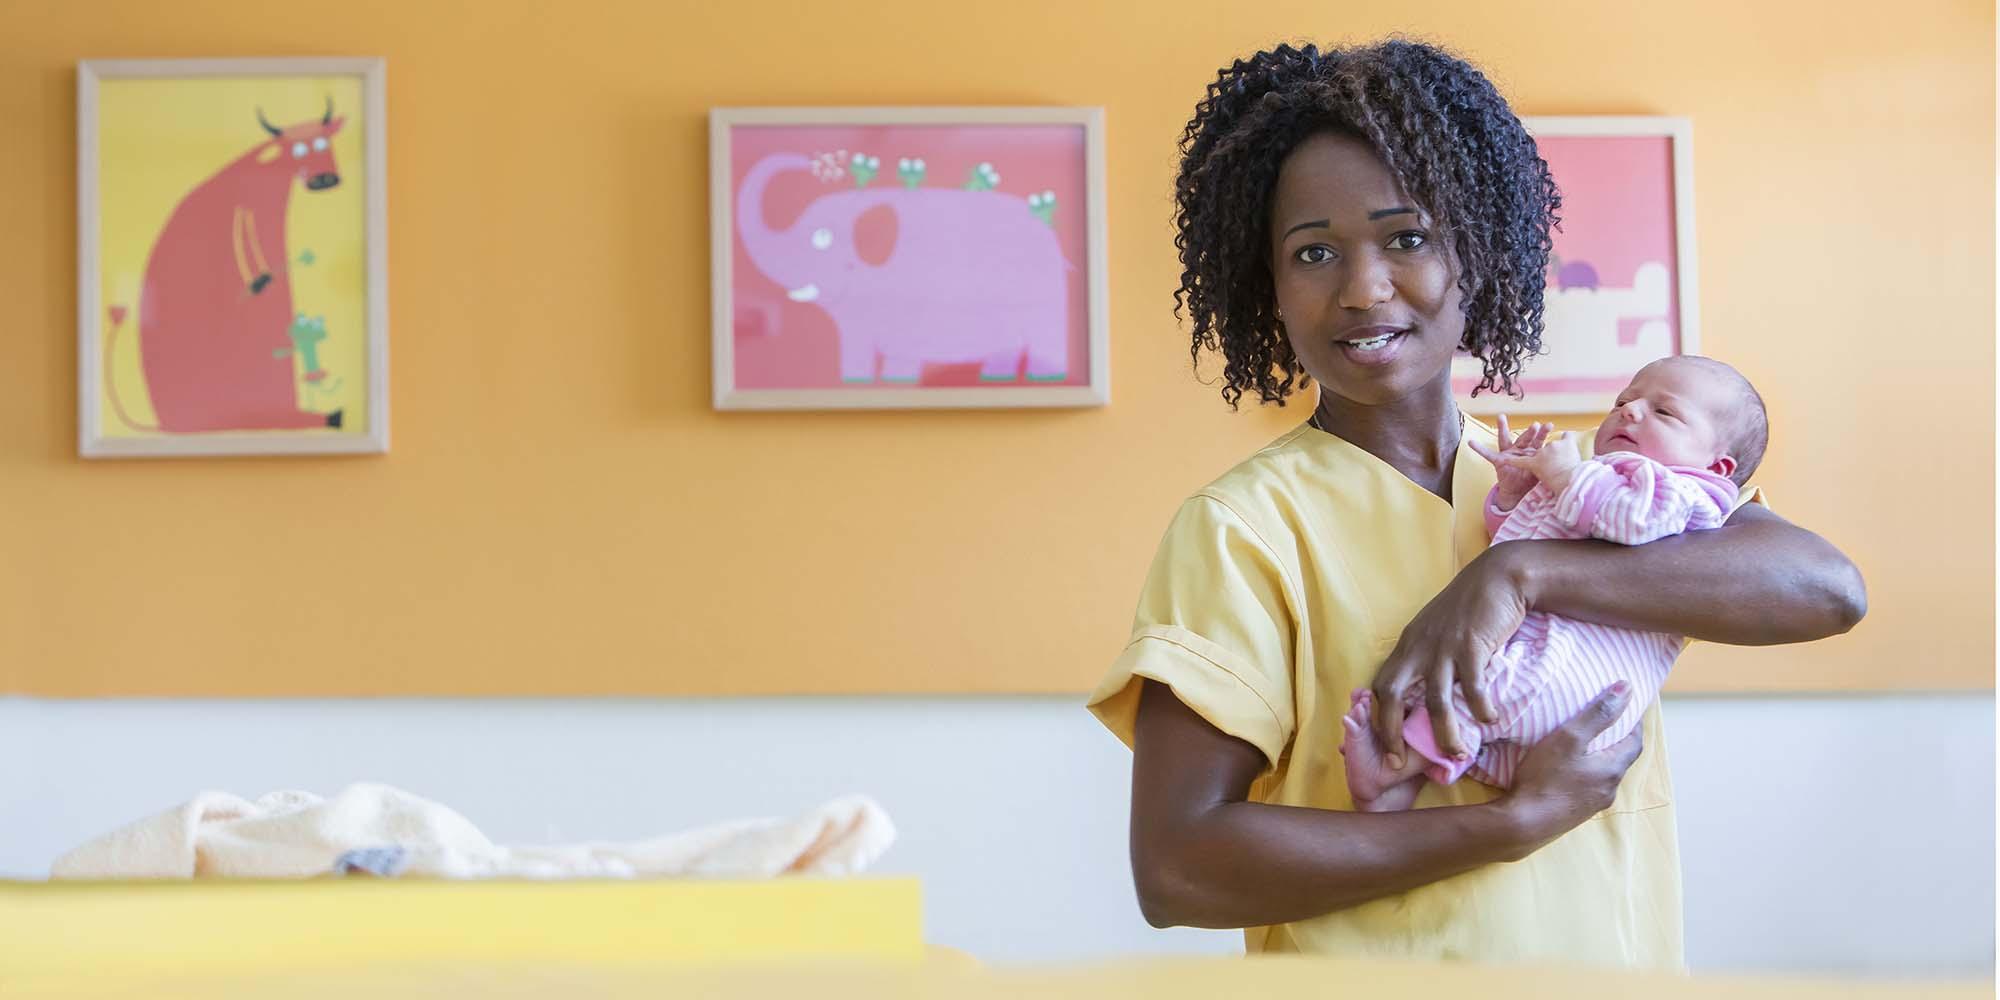 healthcare fotografie: eine afrodeutsche Hebamme hält liebevoll ein neugeborenes Mädchen.